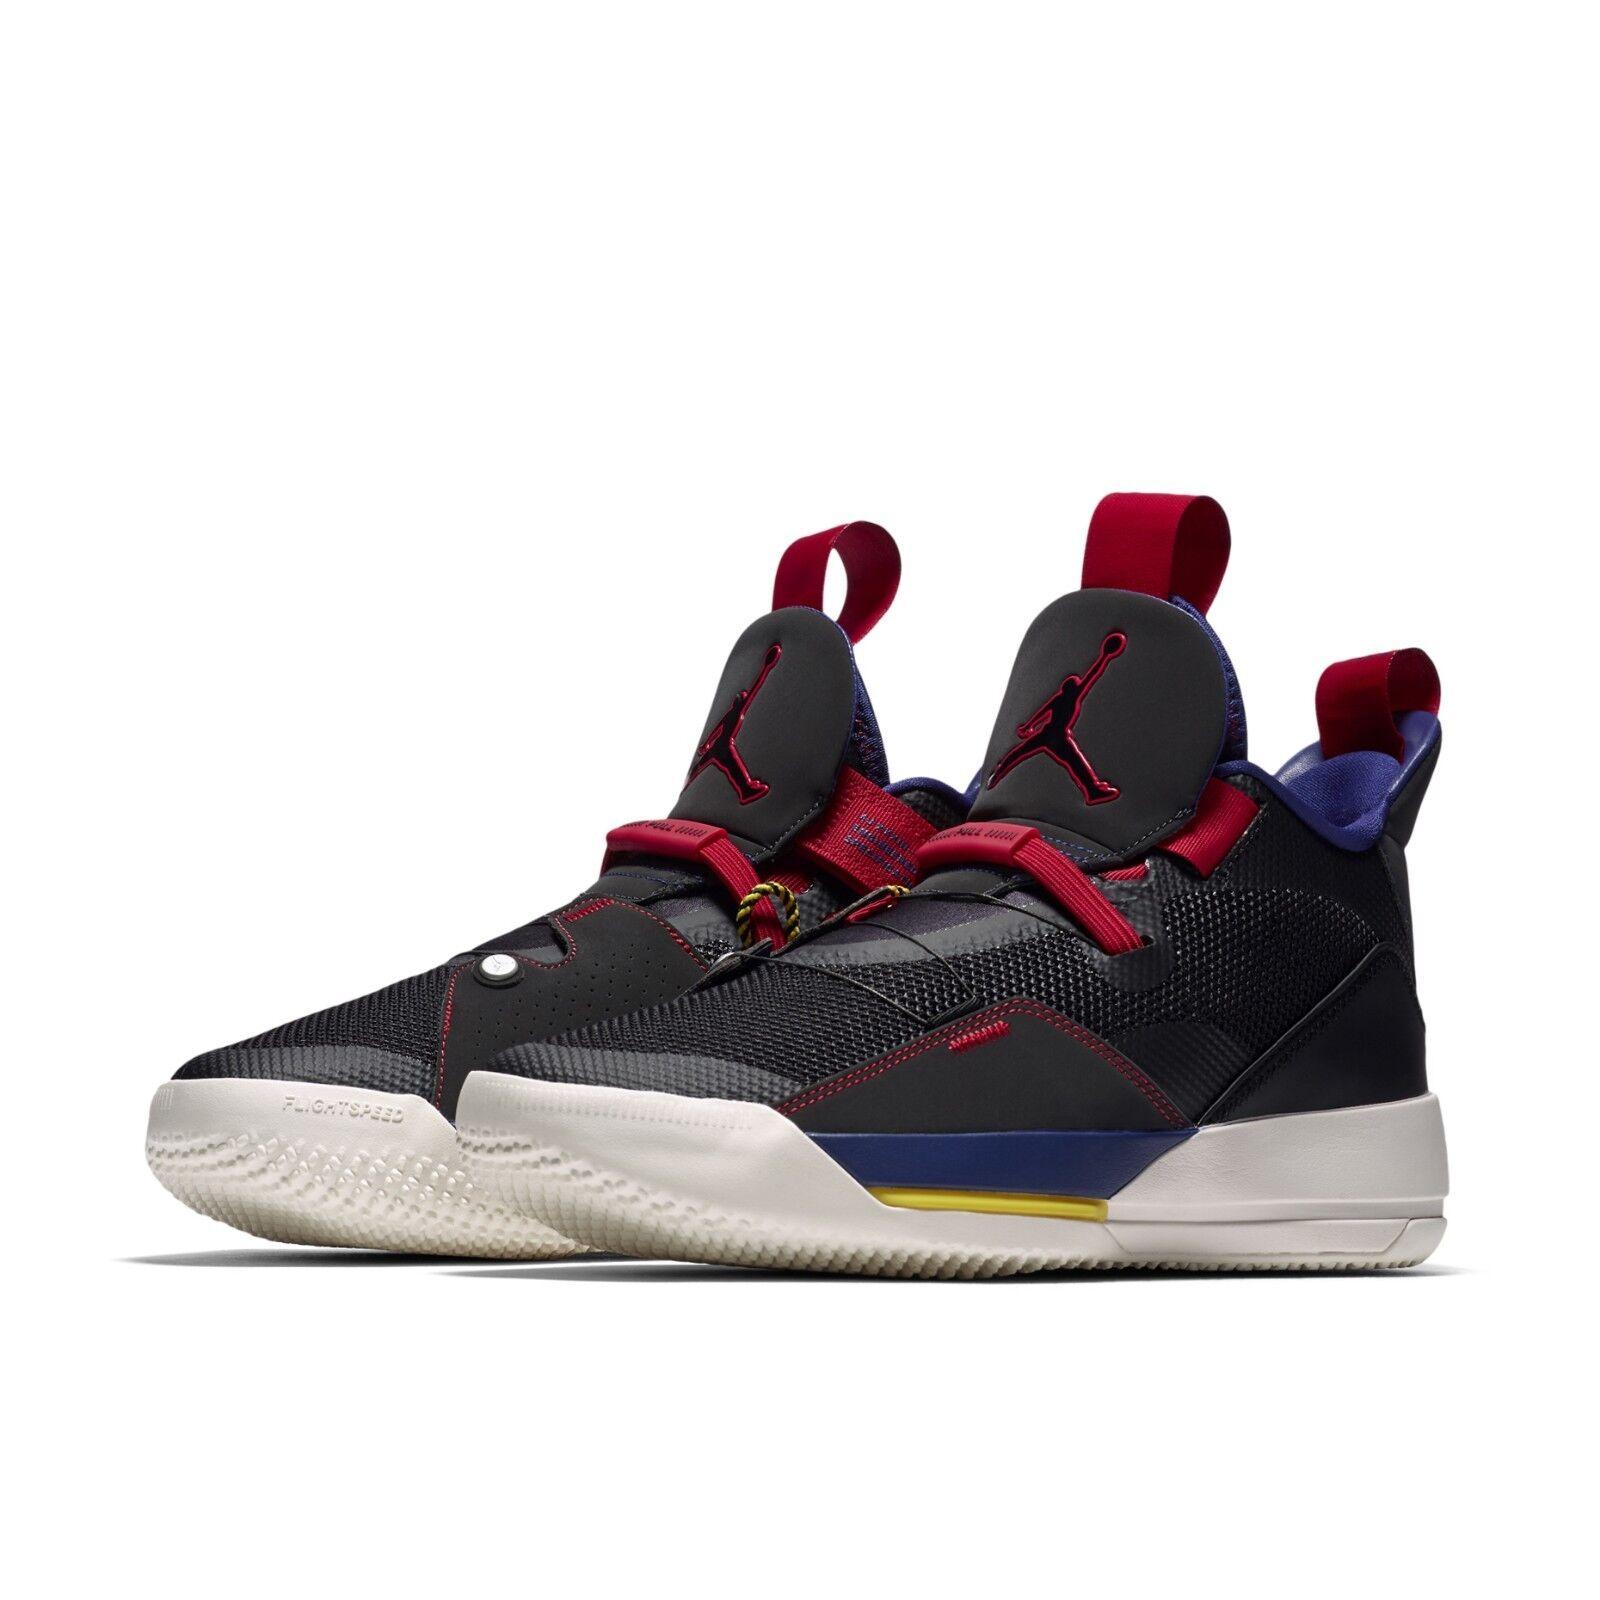 80162bed743 Nike Air Jordan 33 Tech Pack XXXIII Black Dark Smoke Grey Sail AJ33  BV5072-001